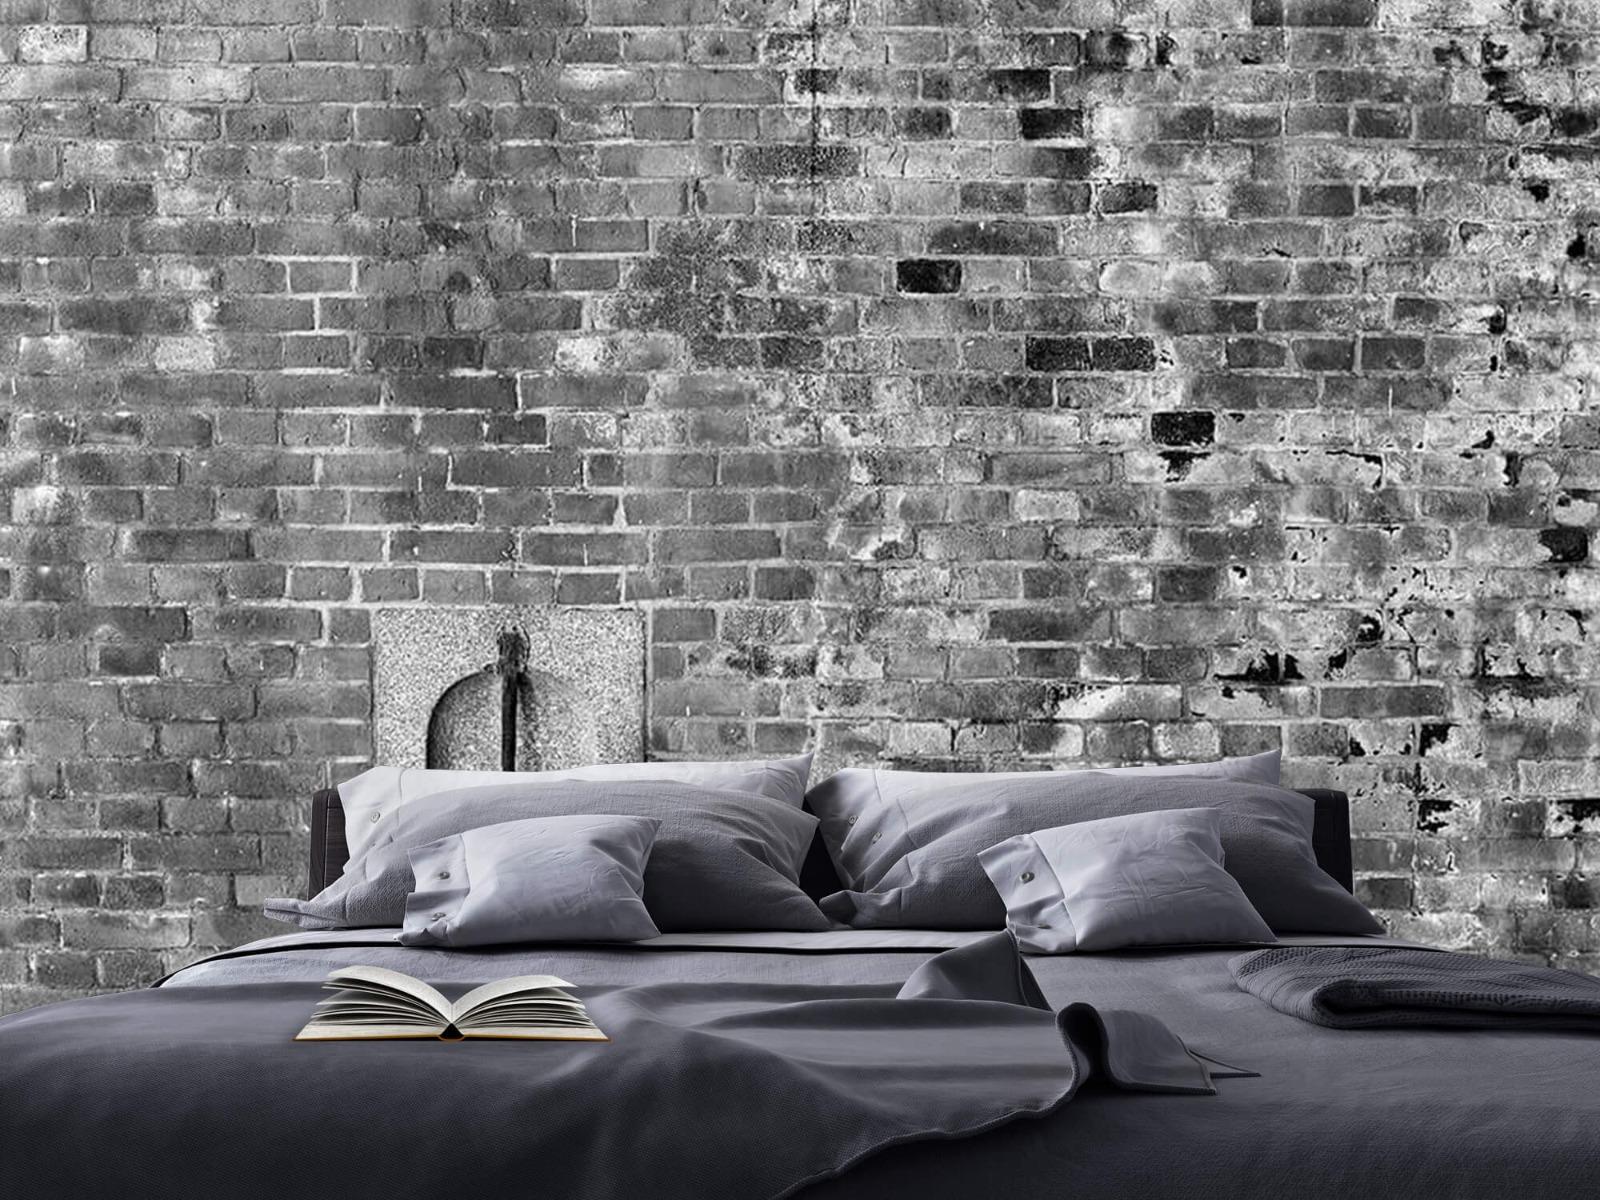 Steen behang - Verweerde muur - Tienerkamer 18